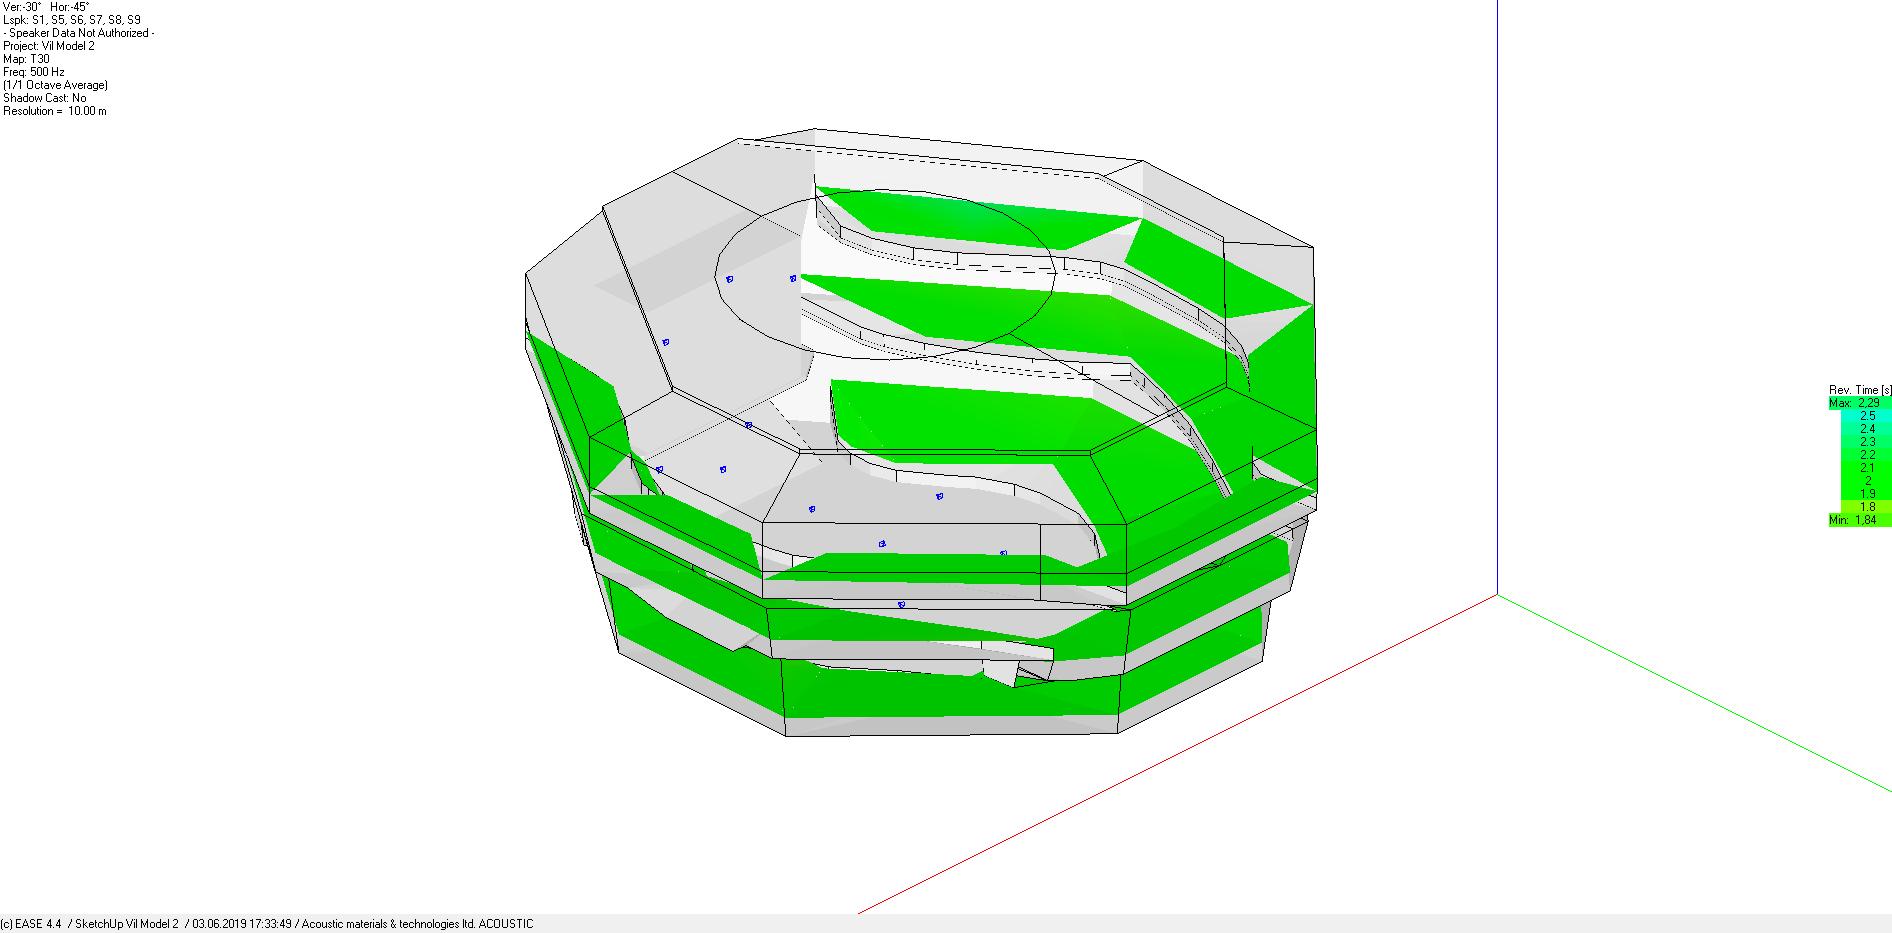 image-1-3: vilnius